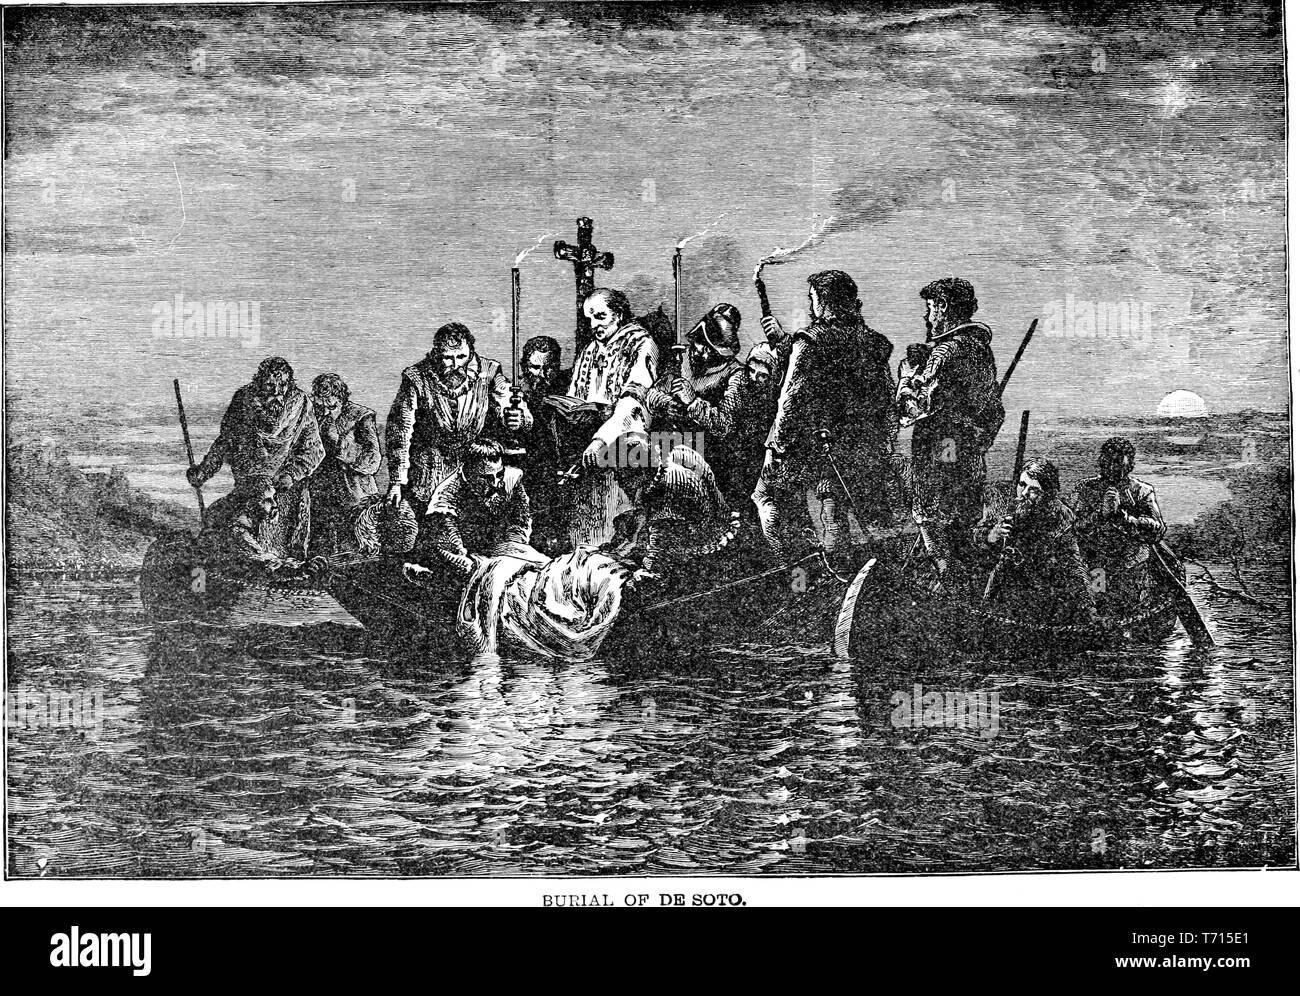 """Grabado de los funerales de Hernando de Soto en el Río Mississippi, del libro """"una historia popular de los Estados Unidos de América, desde los tiempos de los aborígenes hasta la actualidad' por John Clark Ridpath, 1893. Cortesía de Internet Archive. () Imagen De Stock"""